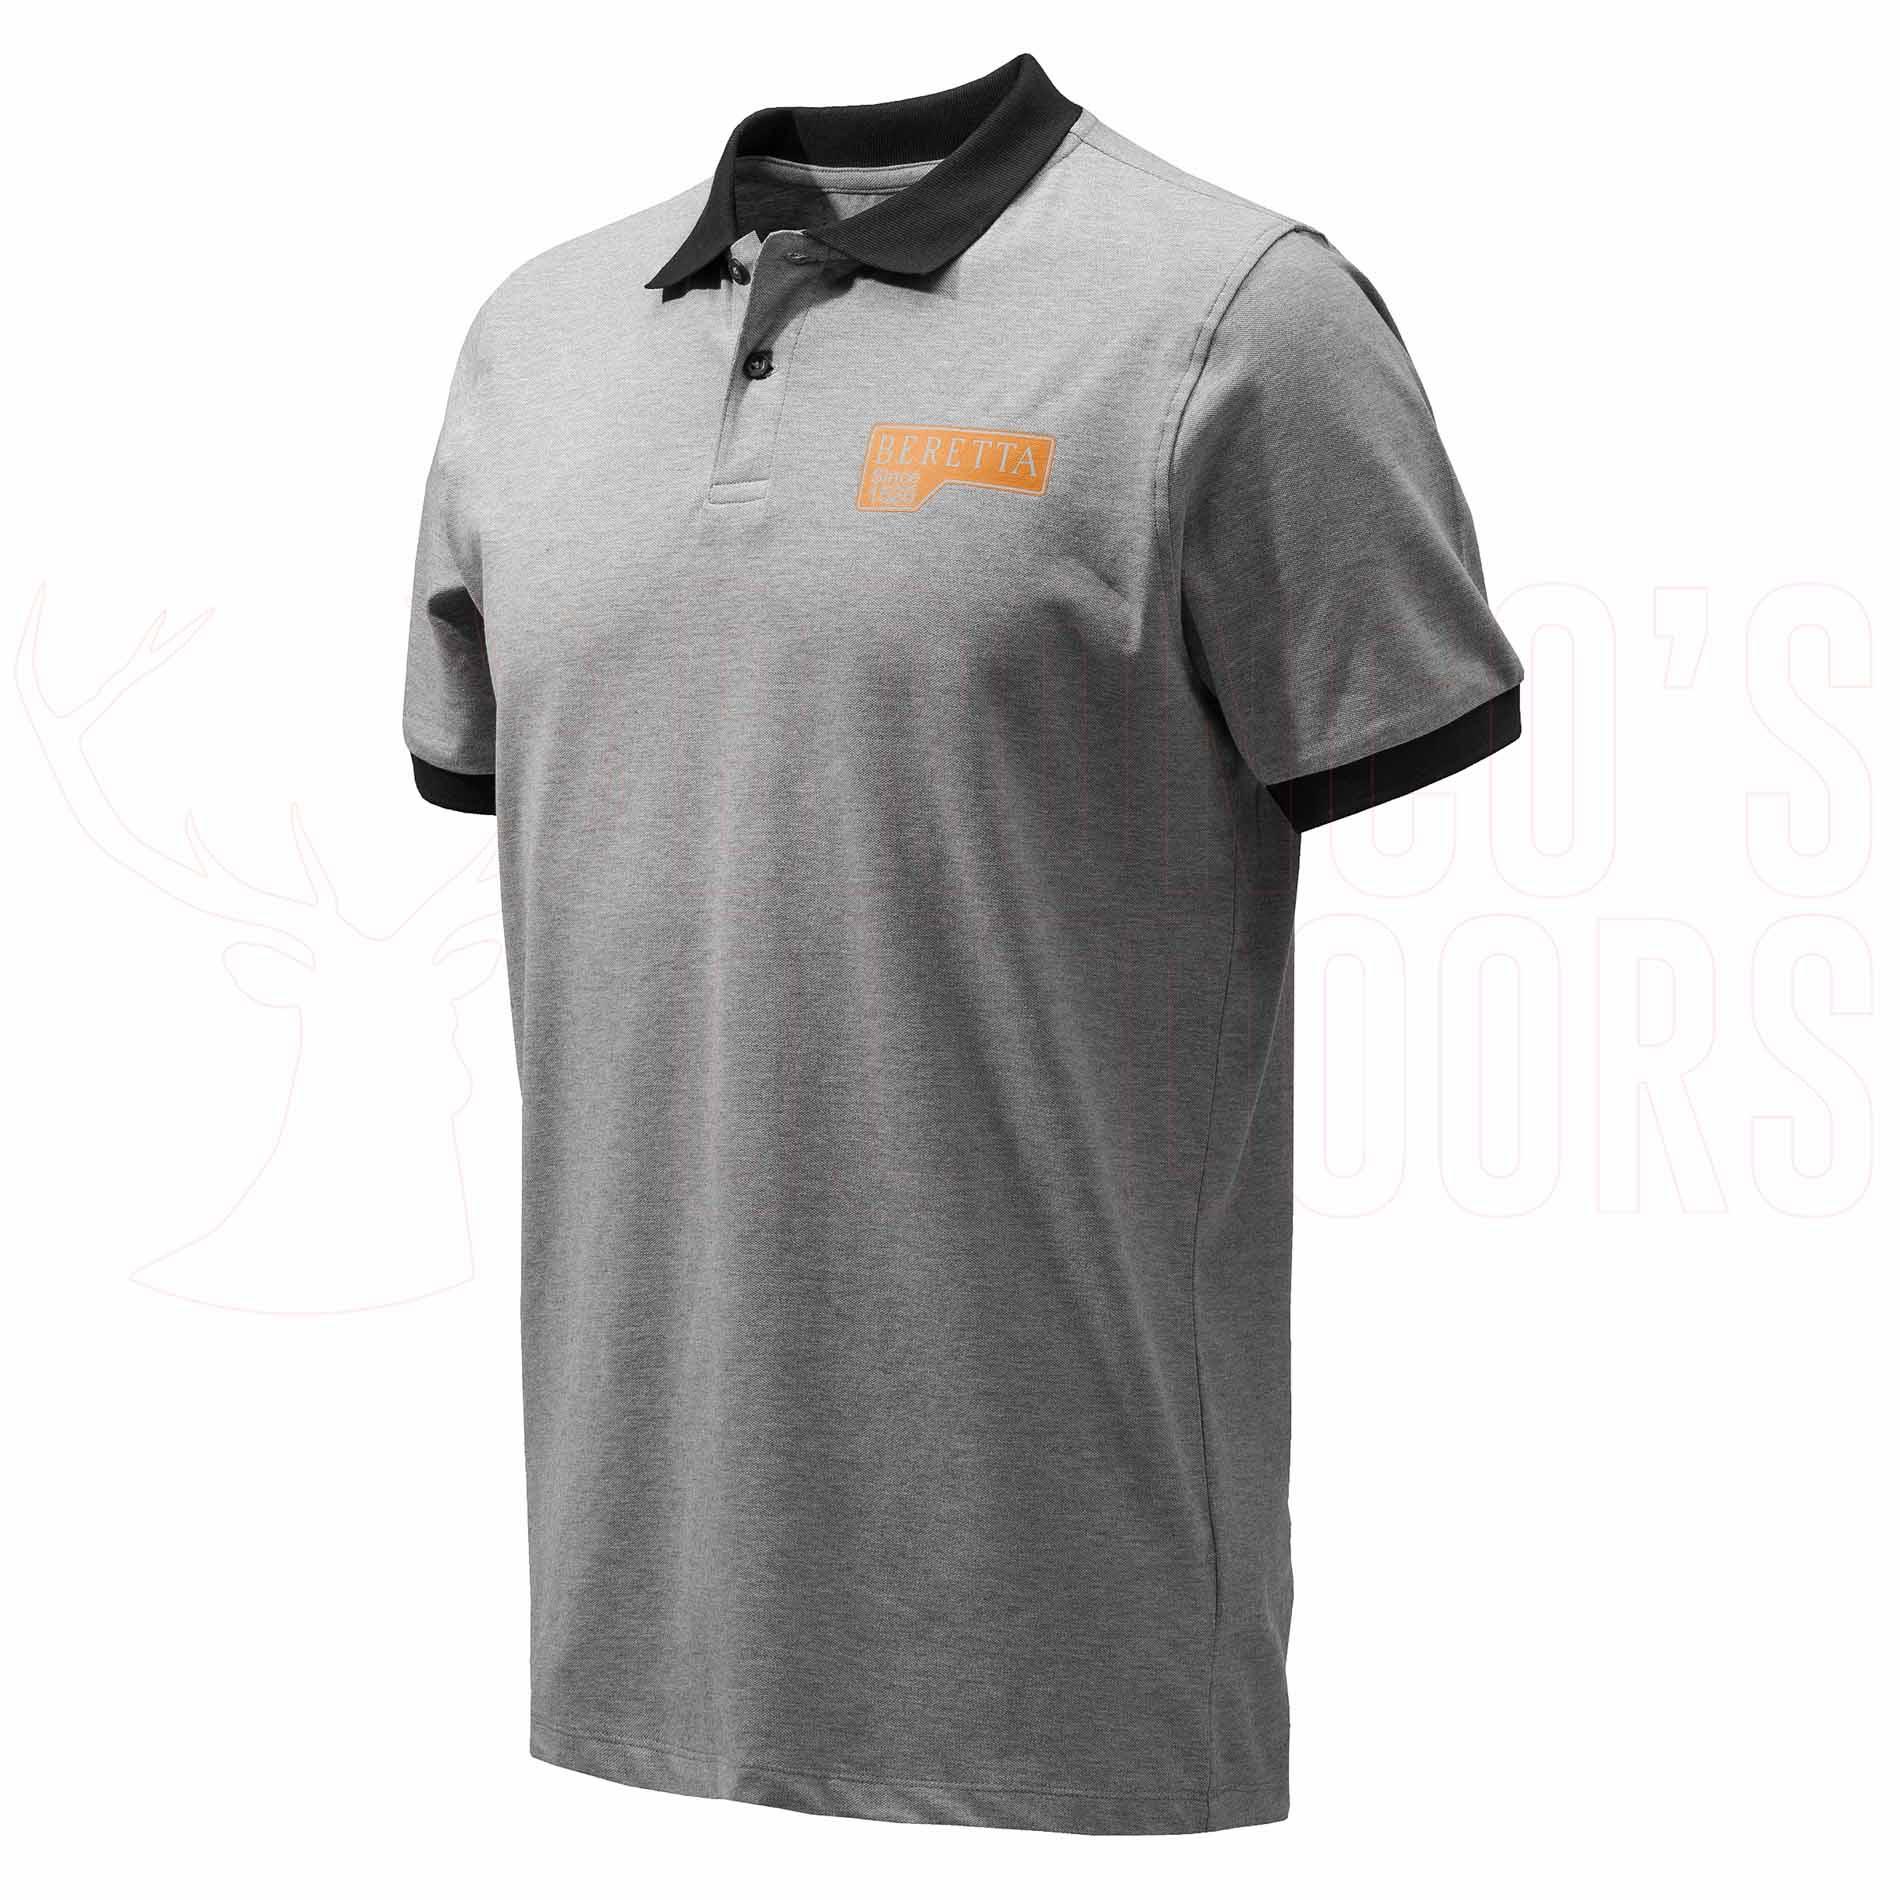 Beretta Victory Corporate T-Shirt White